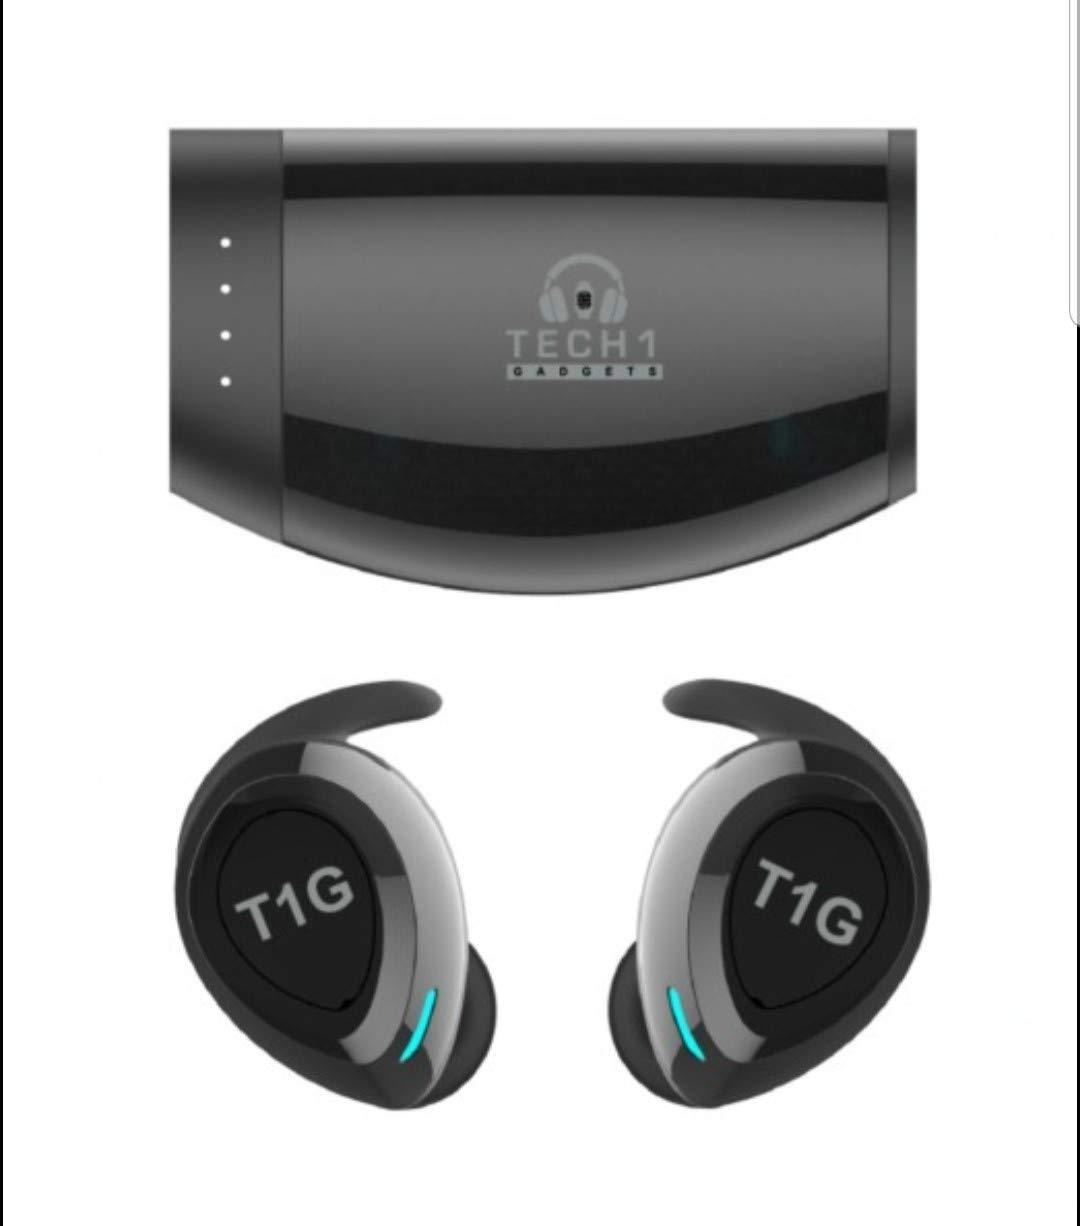 Tech 1 Gadgets TWS True Wireless 5.0 Bluetooth IPX7 Waterproof HD Sound Earbuds. Black